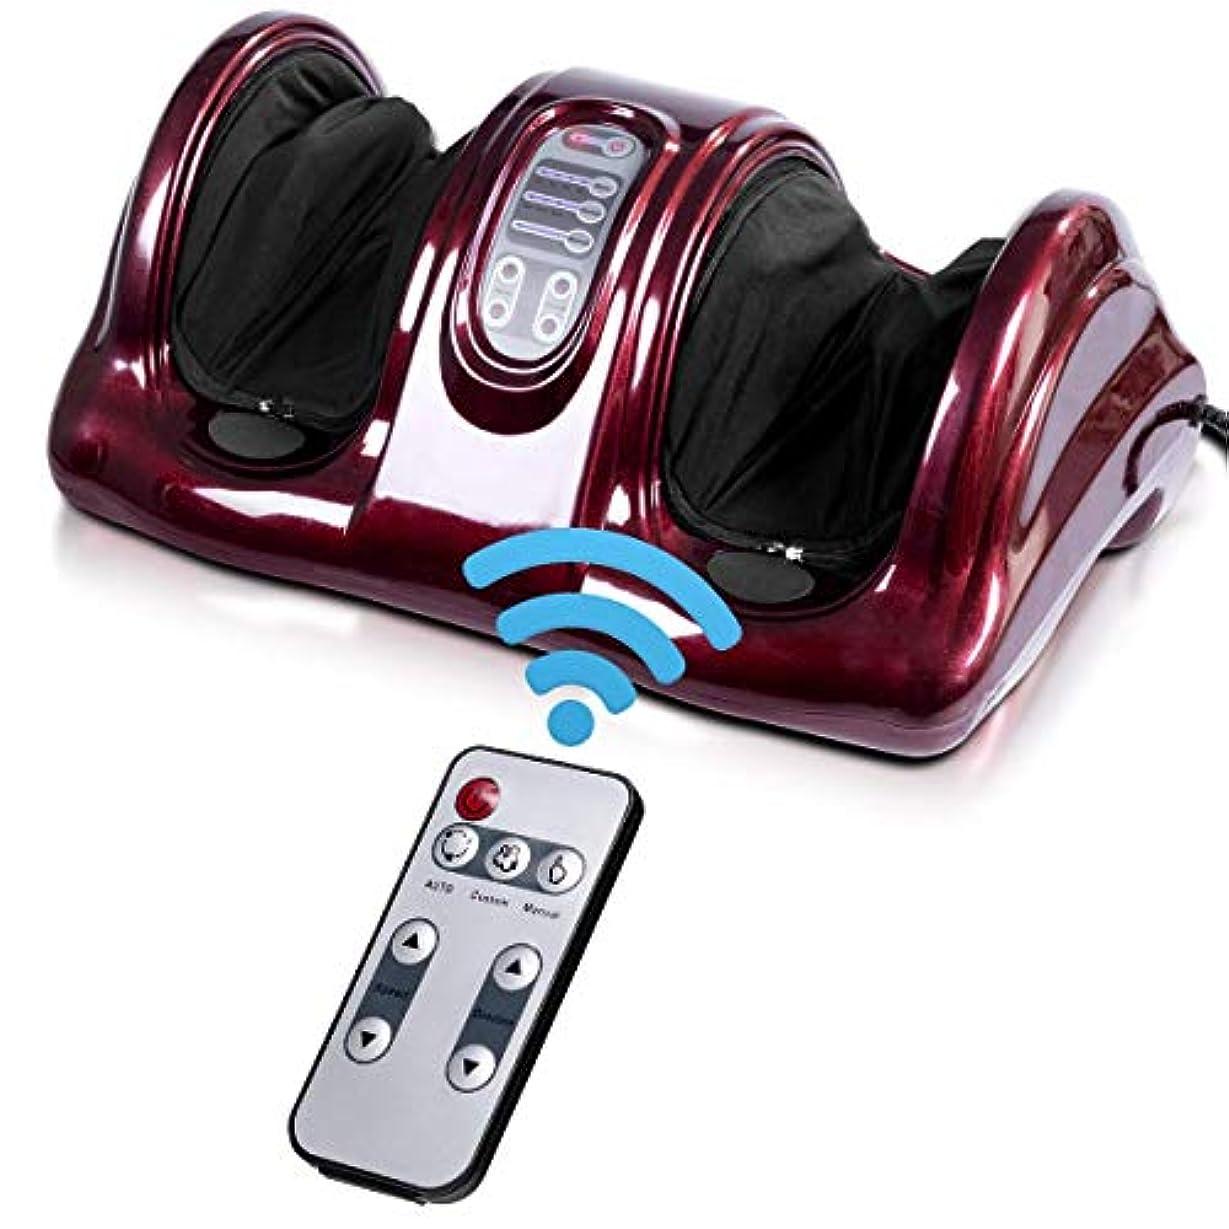 テレマコスプレフィックス努力する[Giantex][Giantex Foot Massager Machine Massage for Feet, Chronic Nerve Pain Therapy Spa Gift Deep Kneading Rolling...